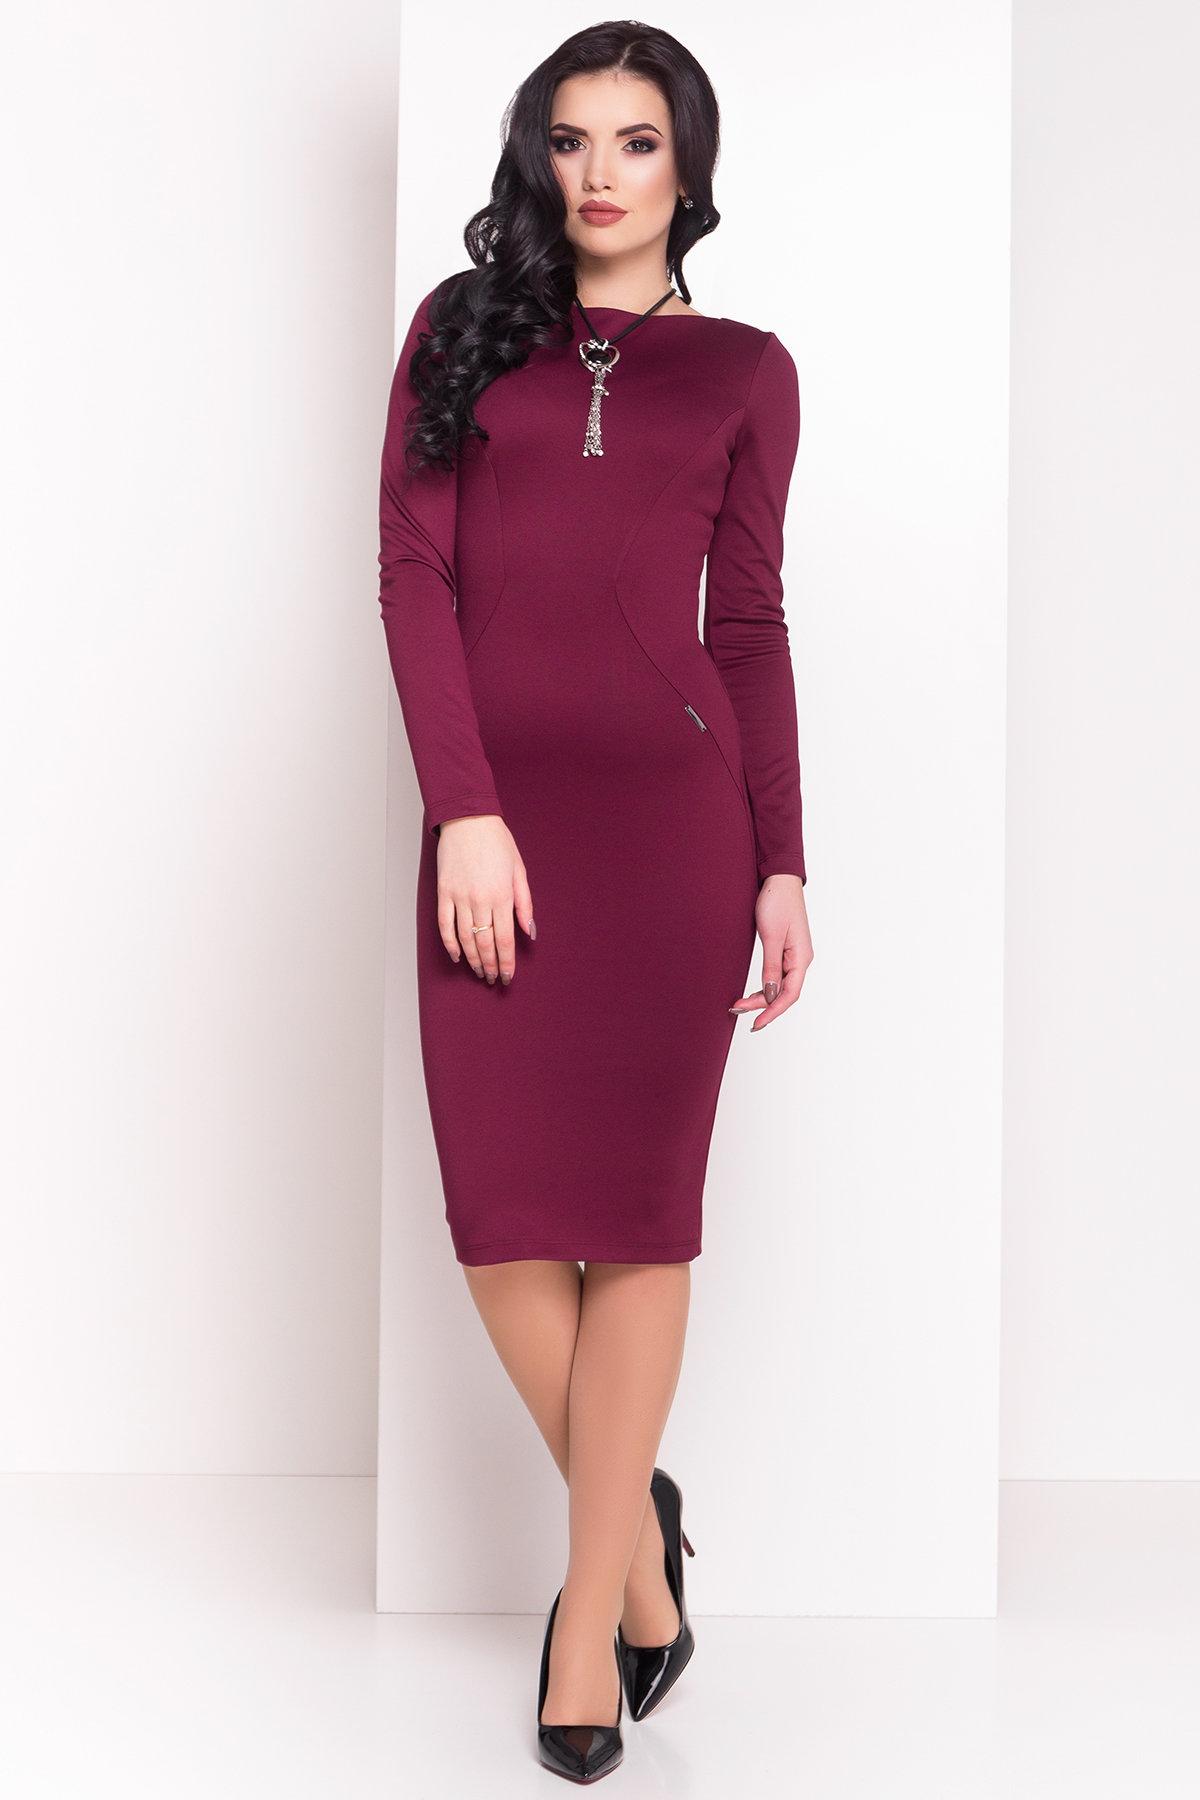 Оптовый интернет-магазин платьев Modus Платье Уна 503